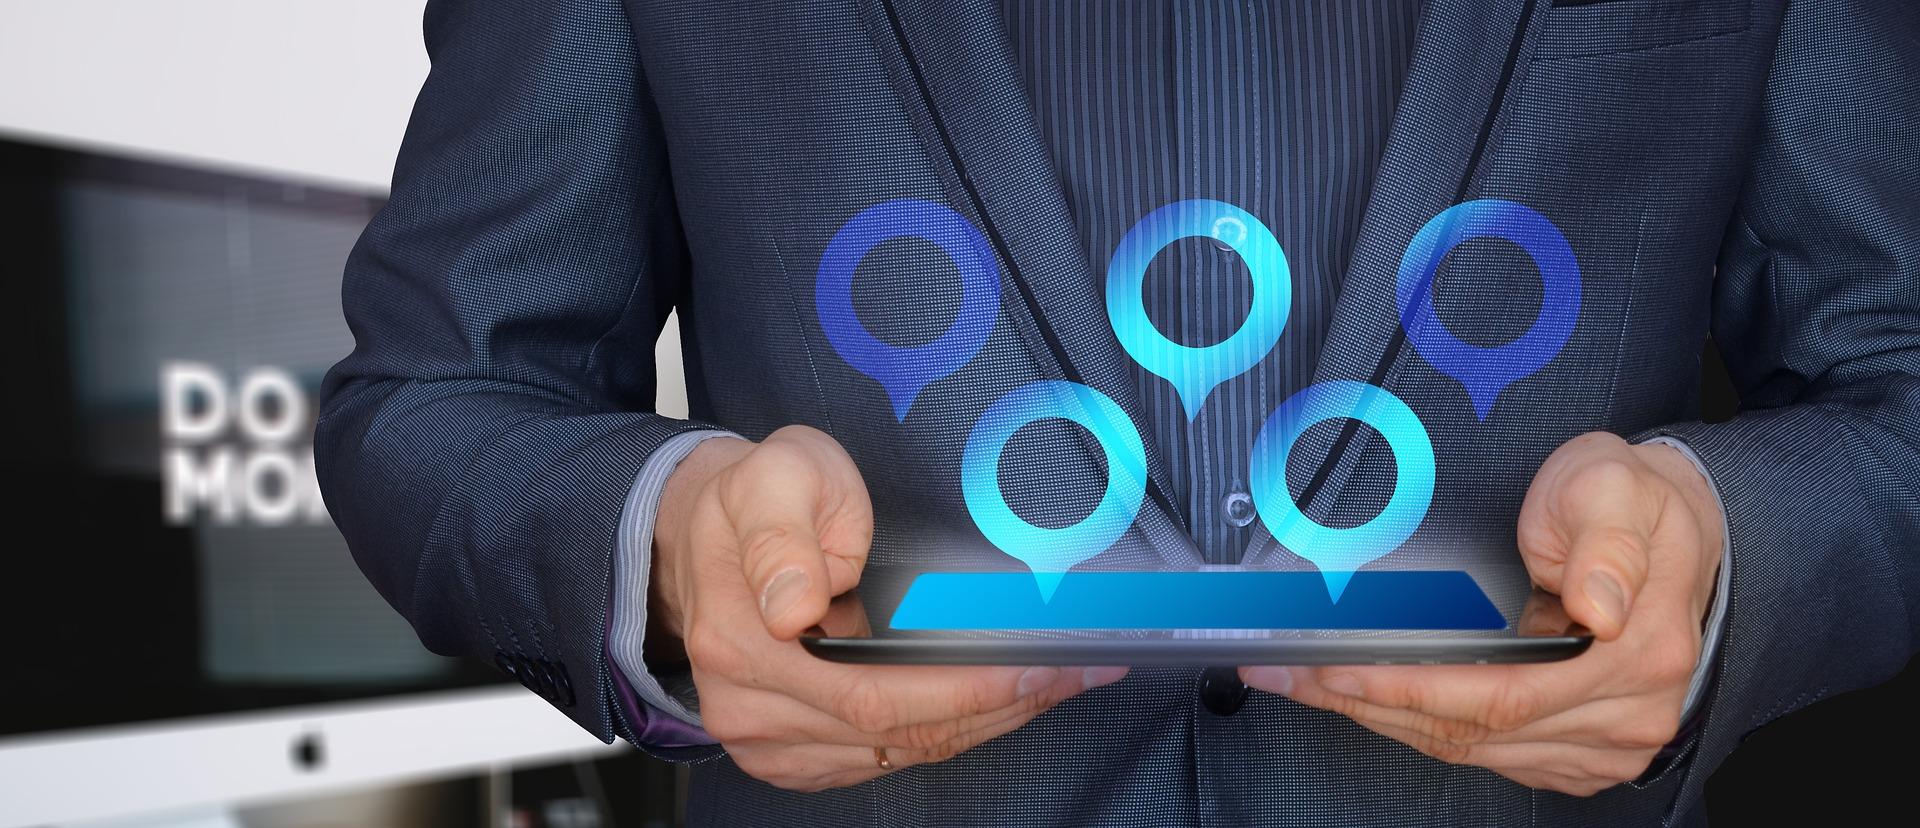 Cómo captar clientes abogado: adáptate a las nuevas tecnologías